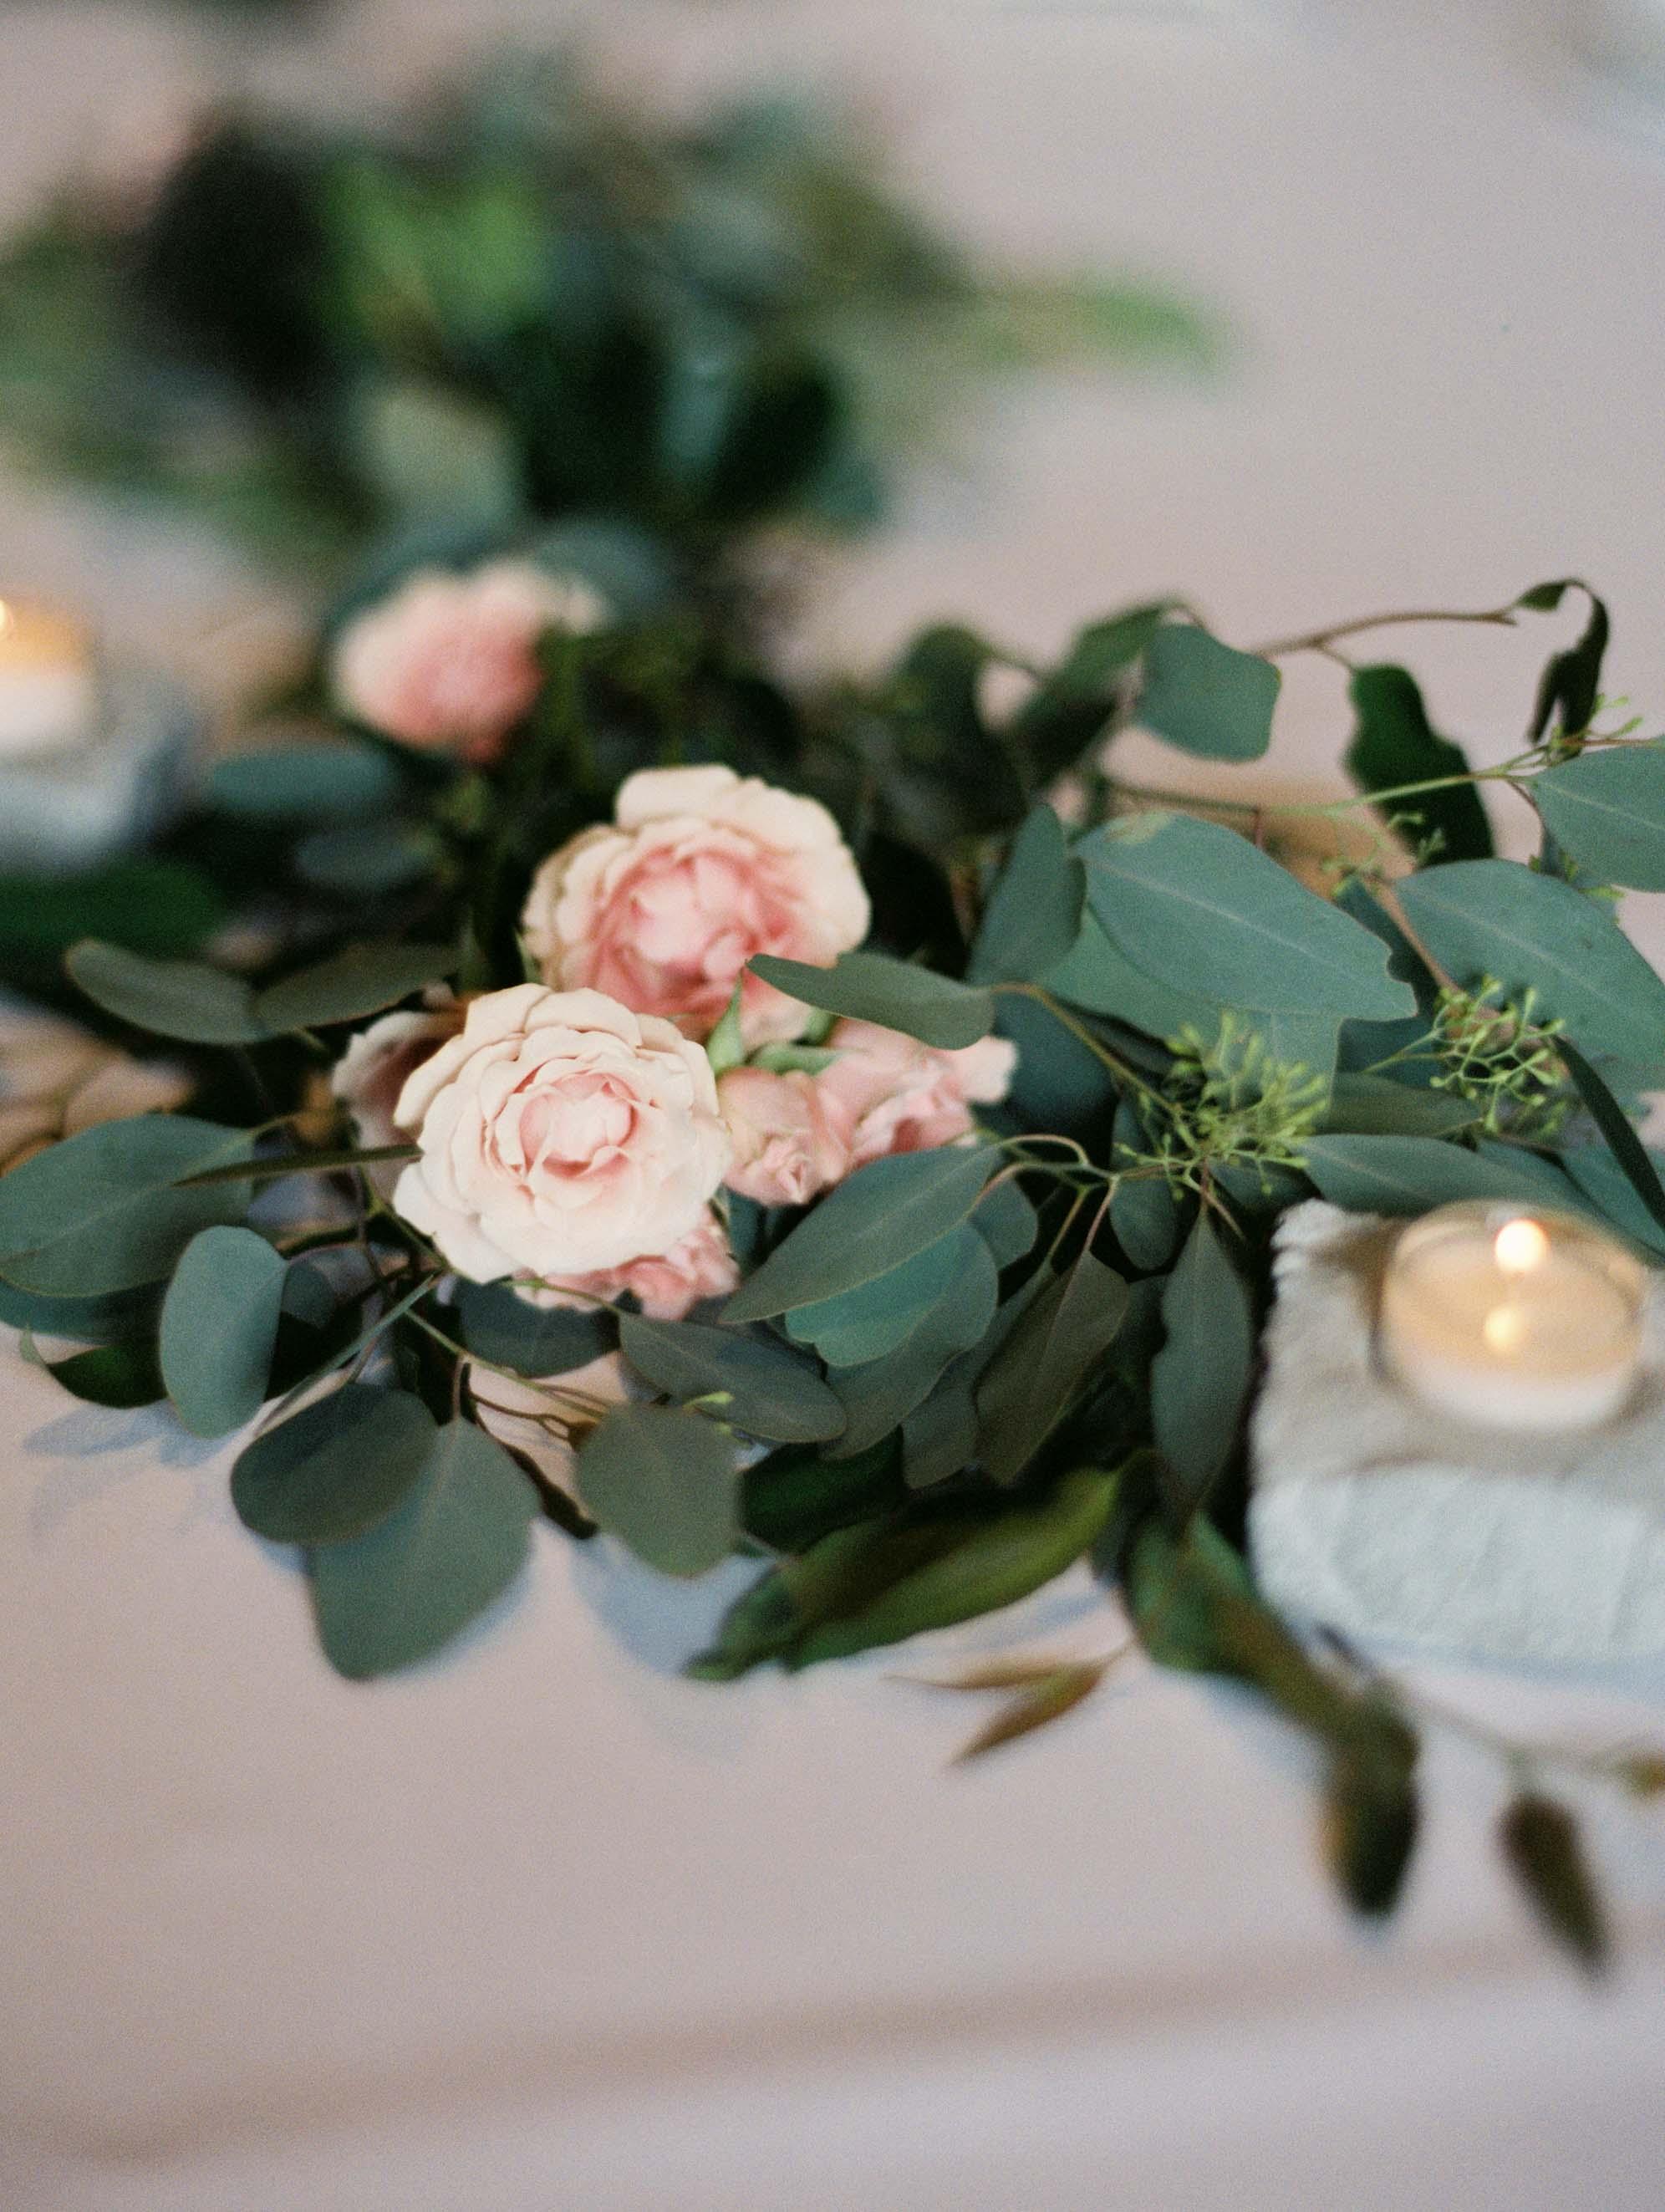 kateweinsteinphoto_clairewillie_wedding-506.jpg